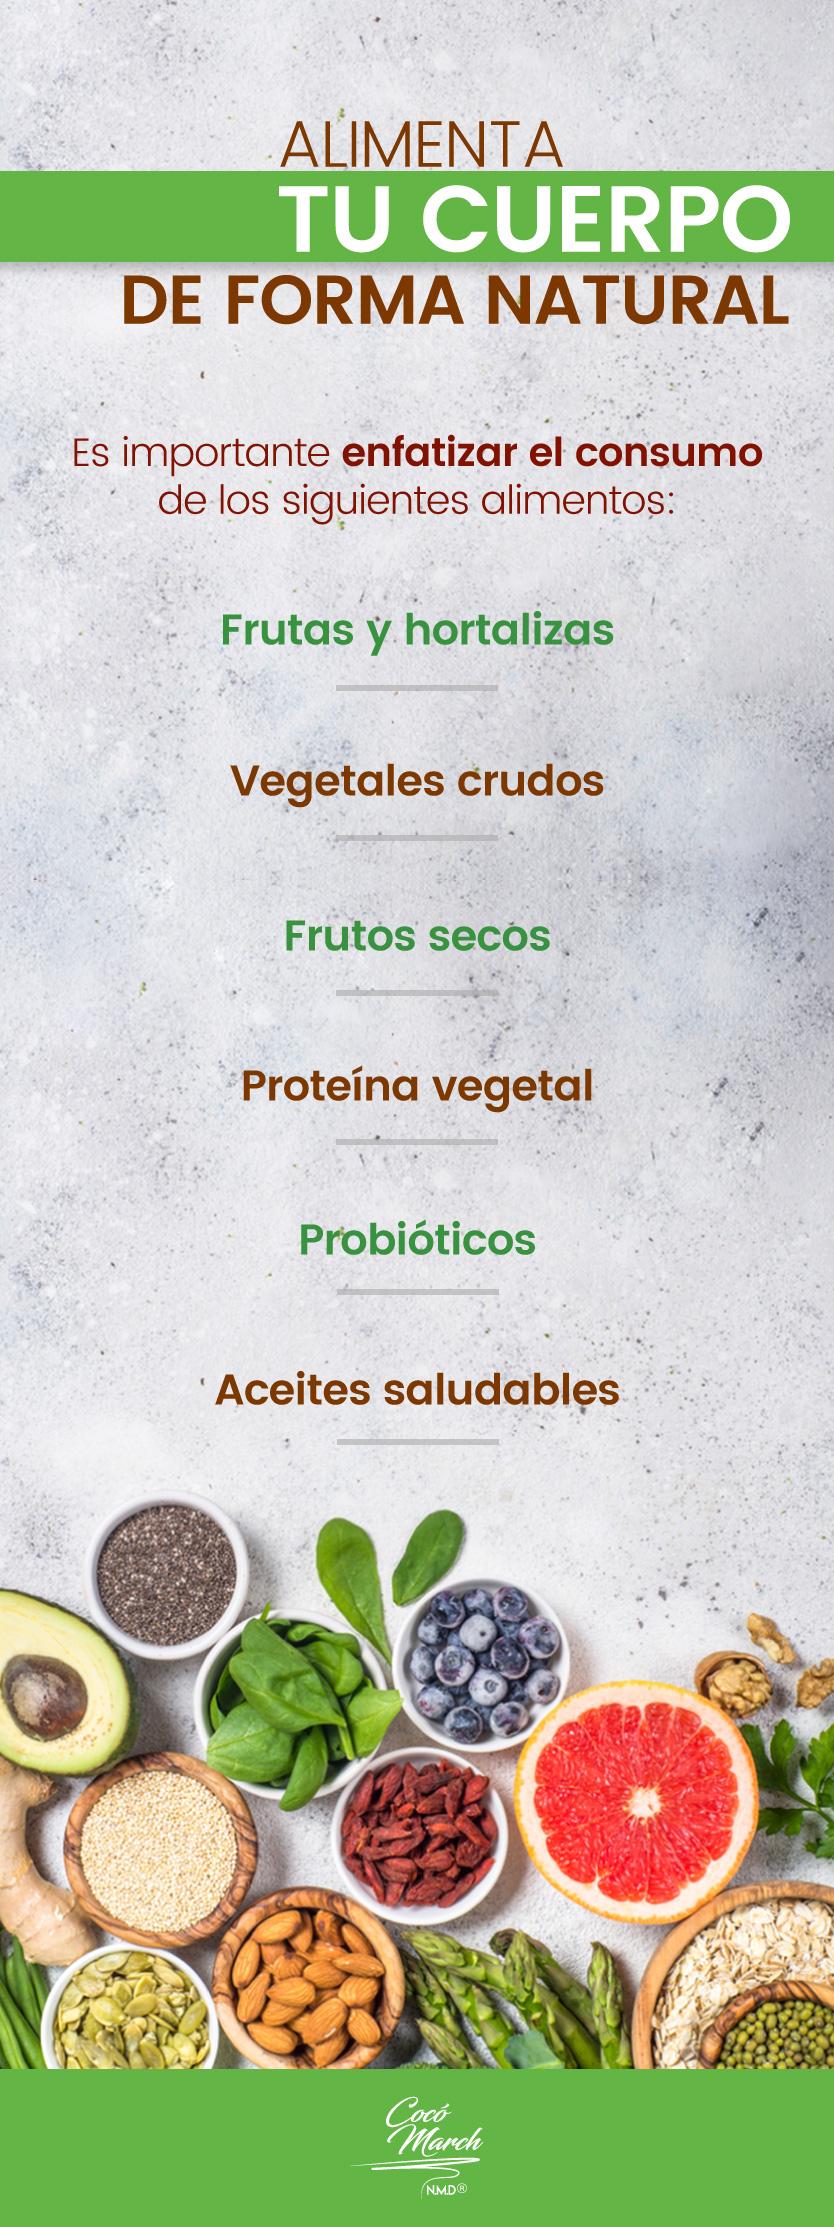 alimenta-tu-cuerpo-naturalmente